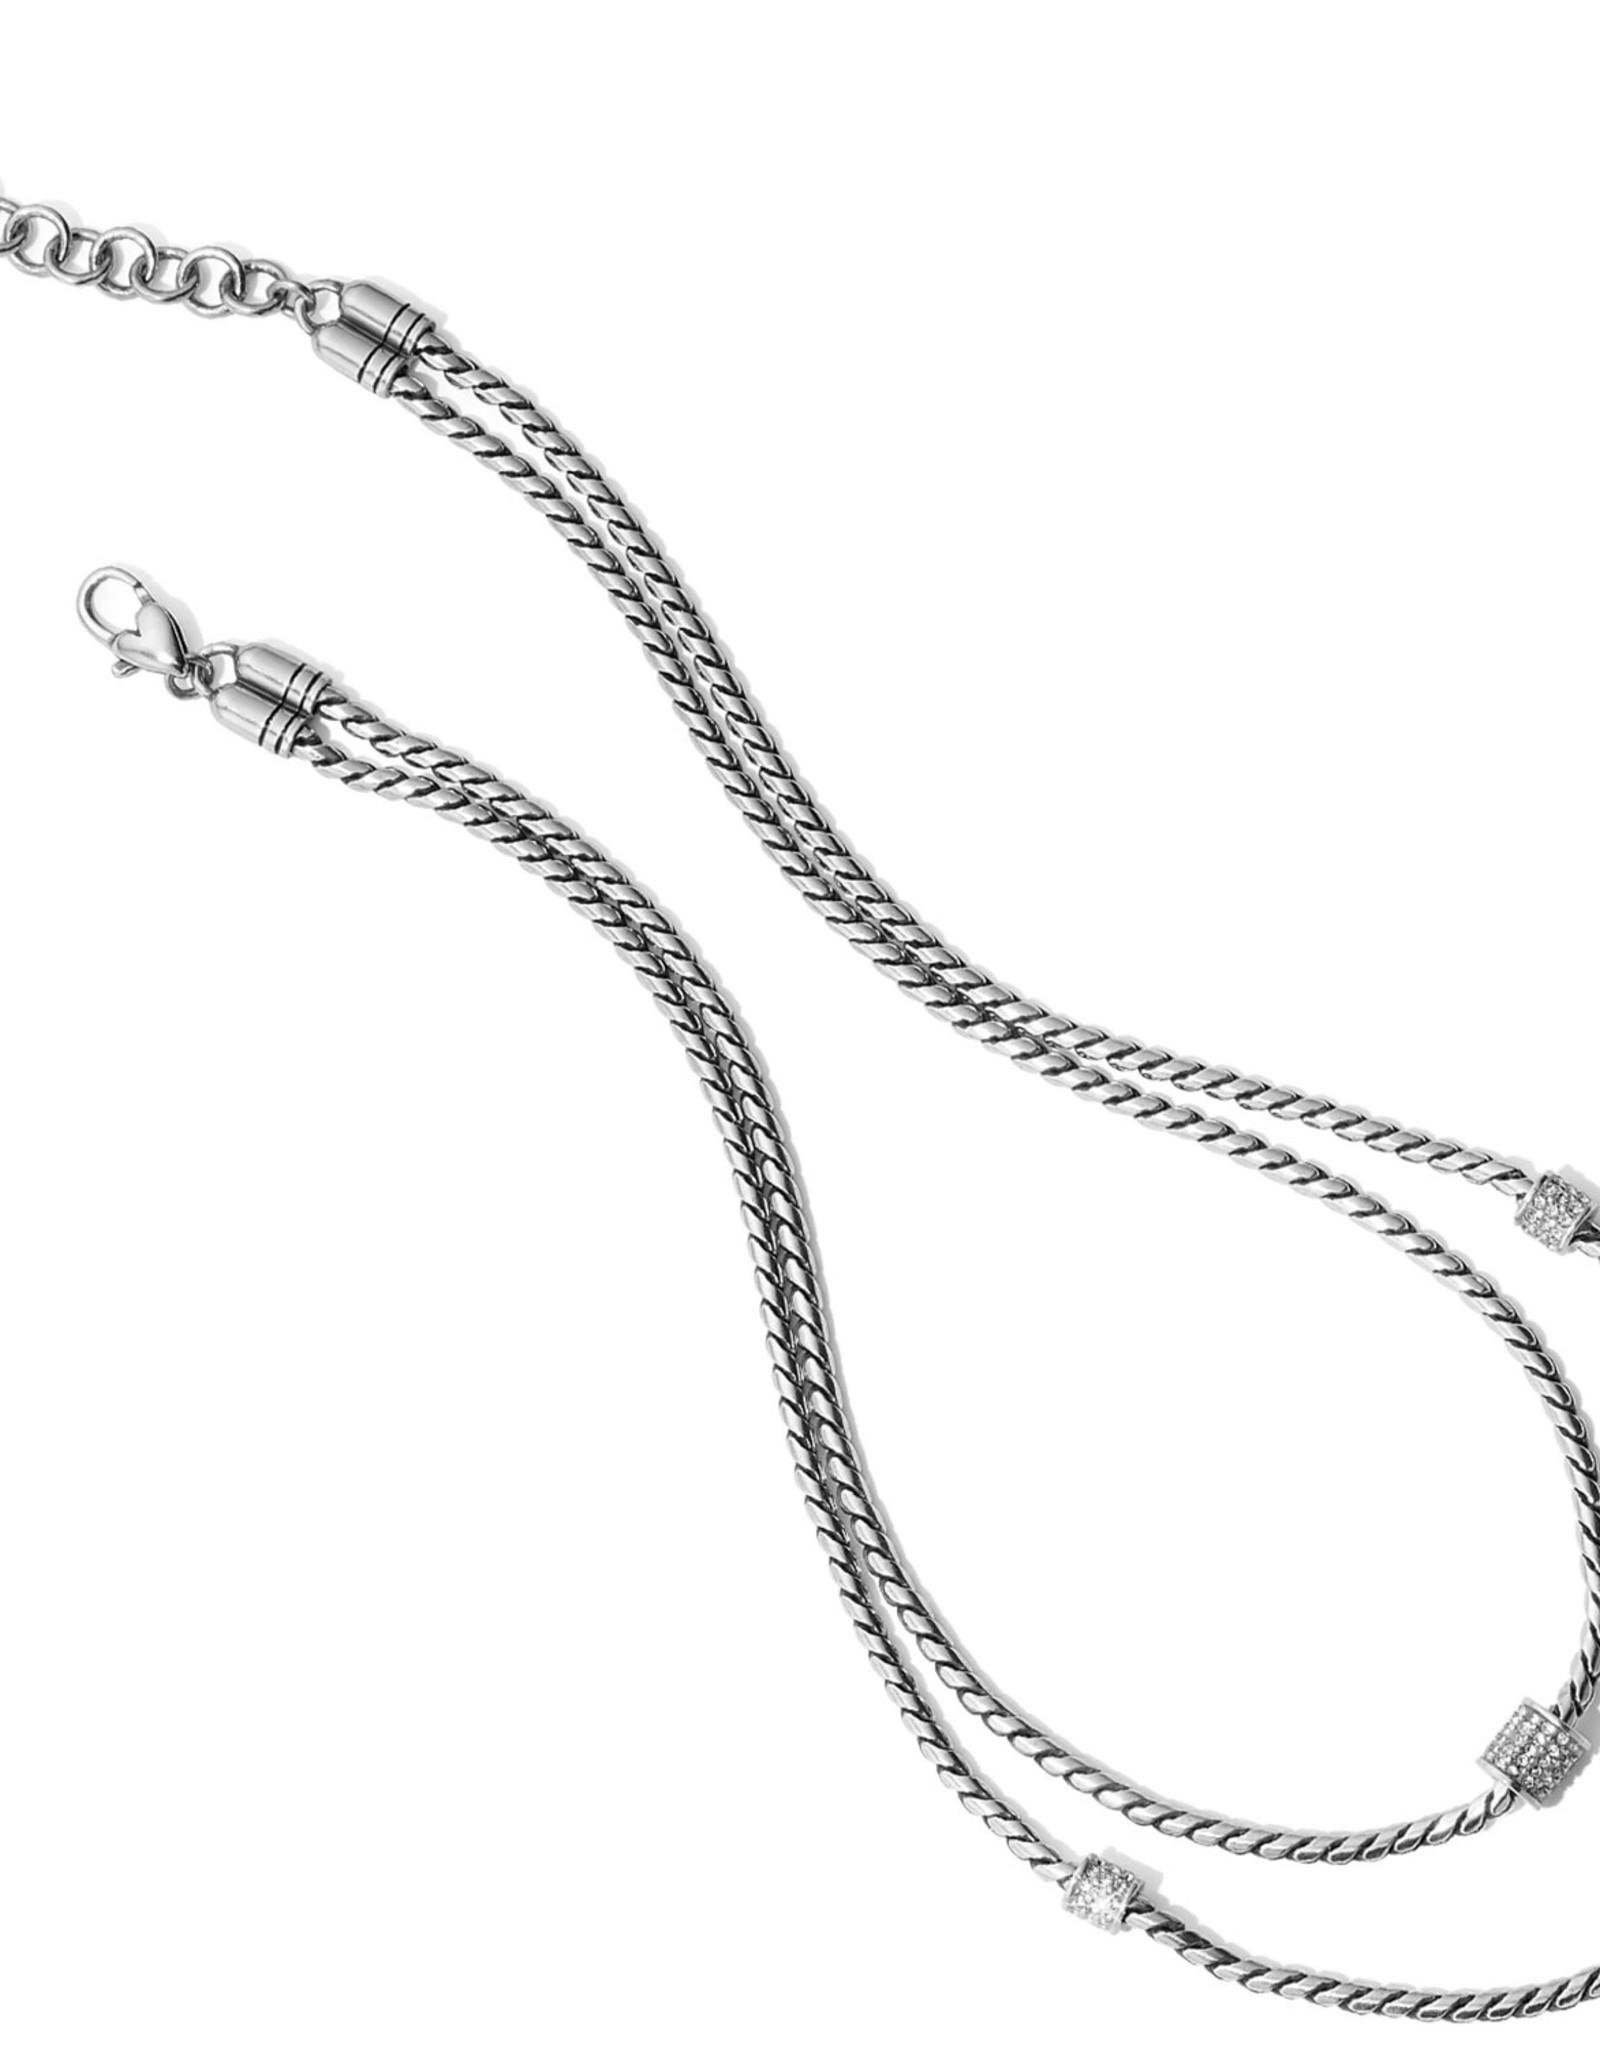 Brighton Brighton Meridian Equinox Double Necklace